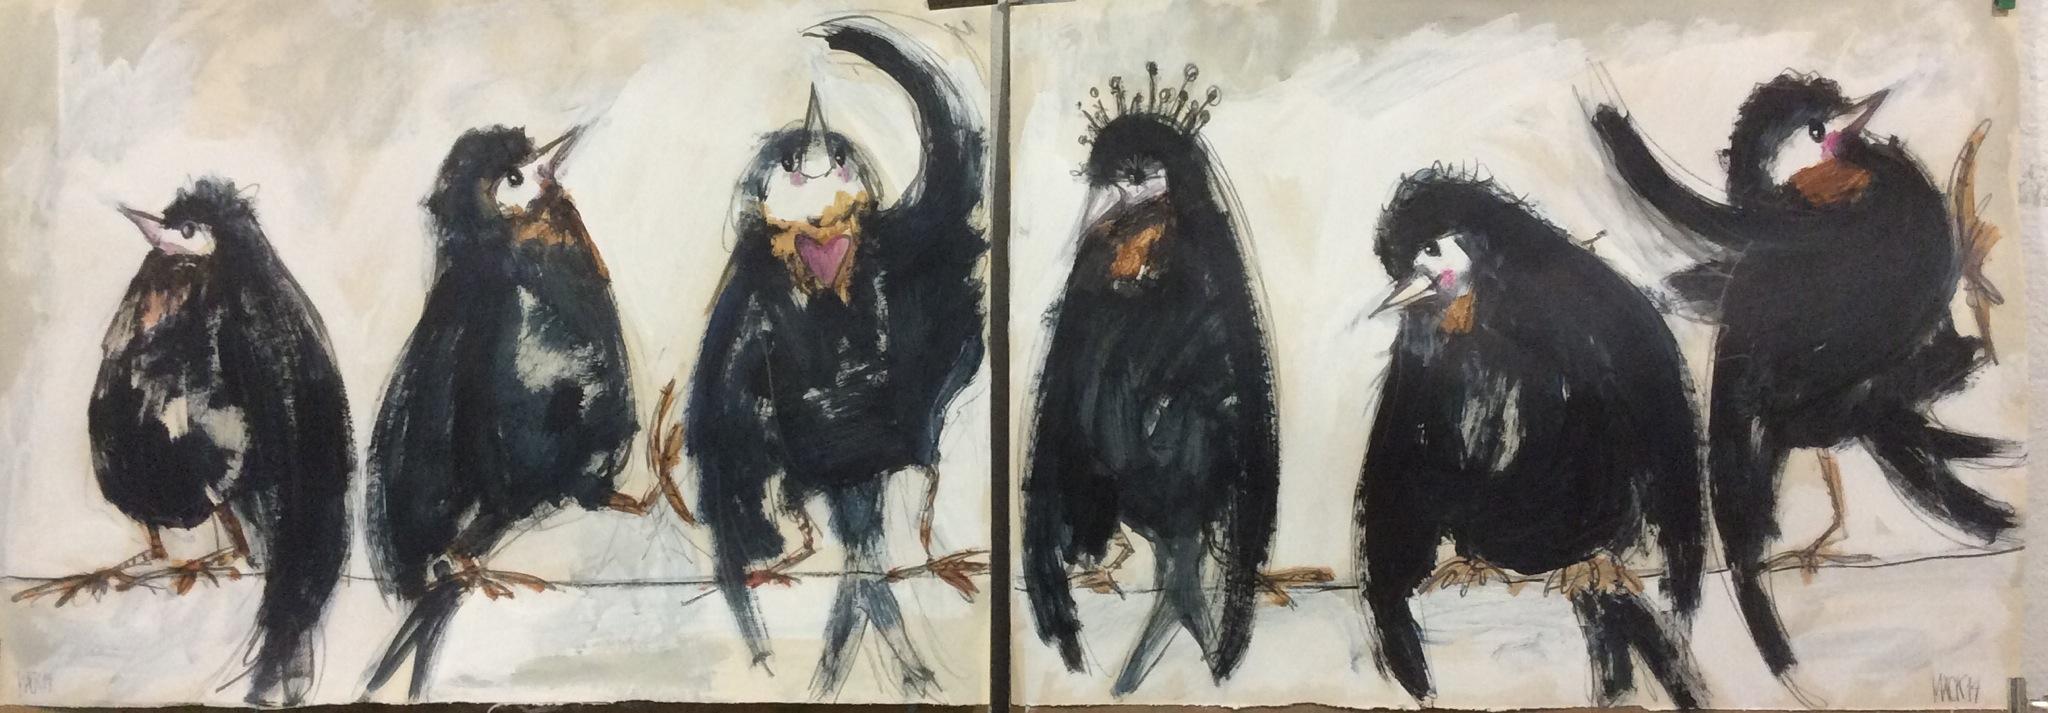 birds | macknifique art & design